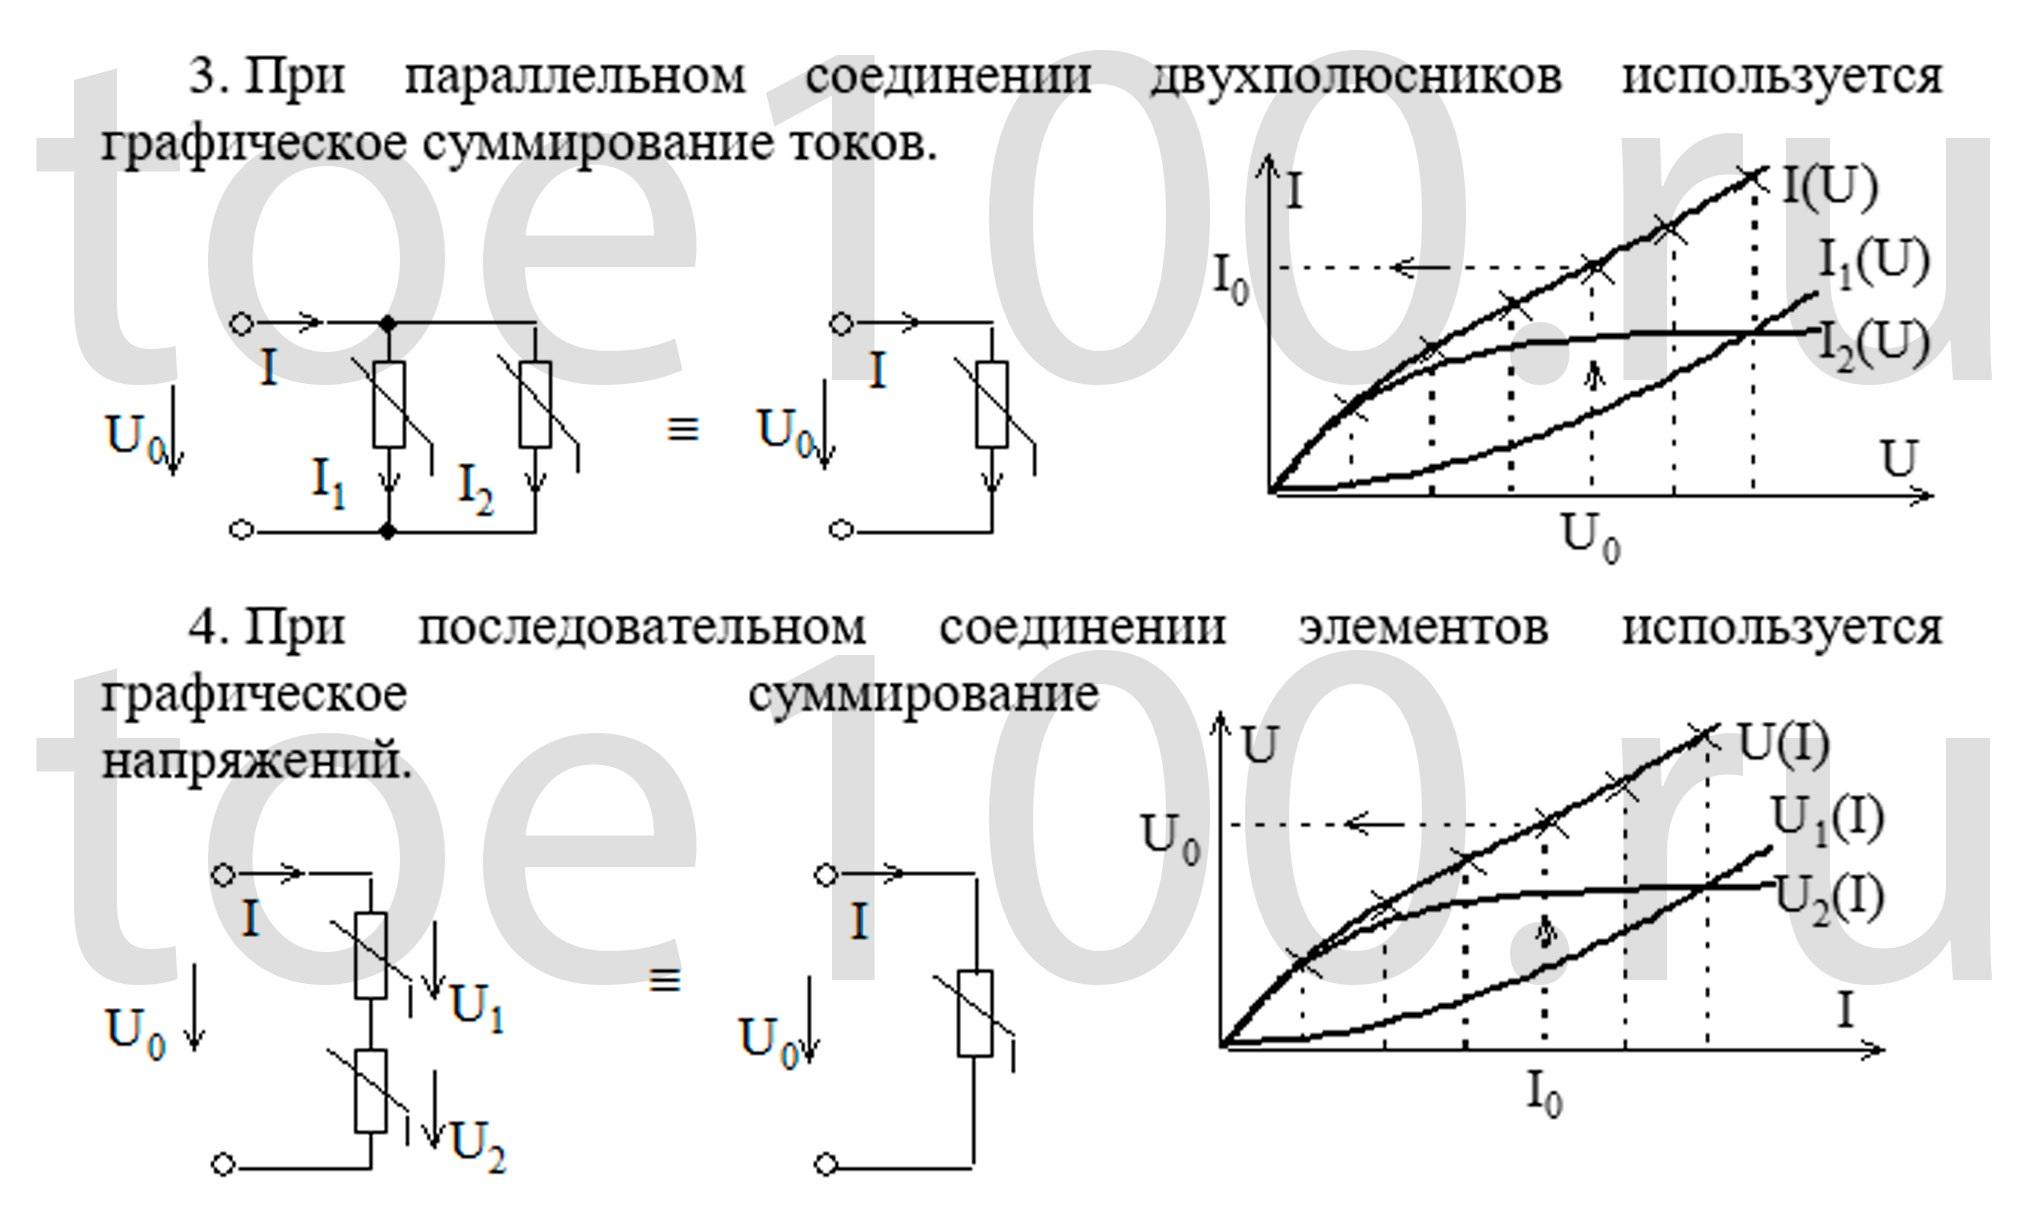 Схема и формулы последовательного и параллельного соединения